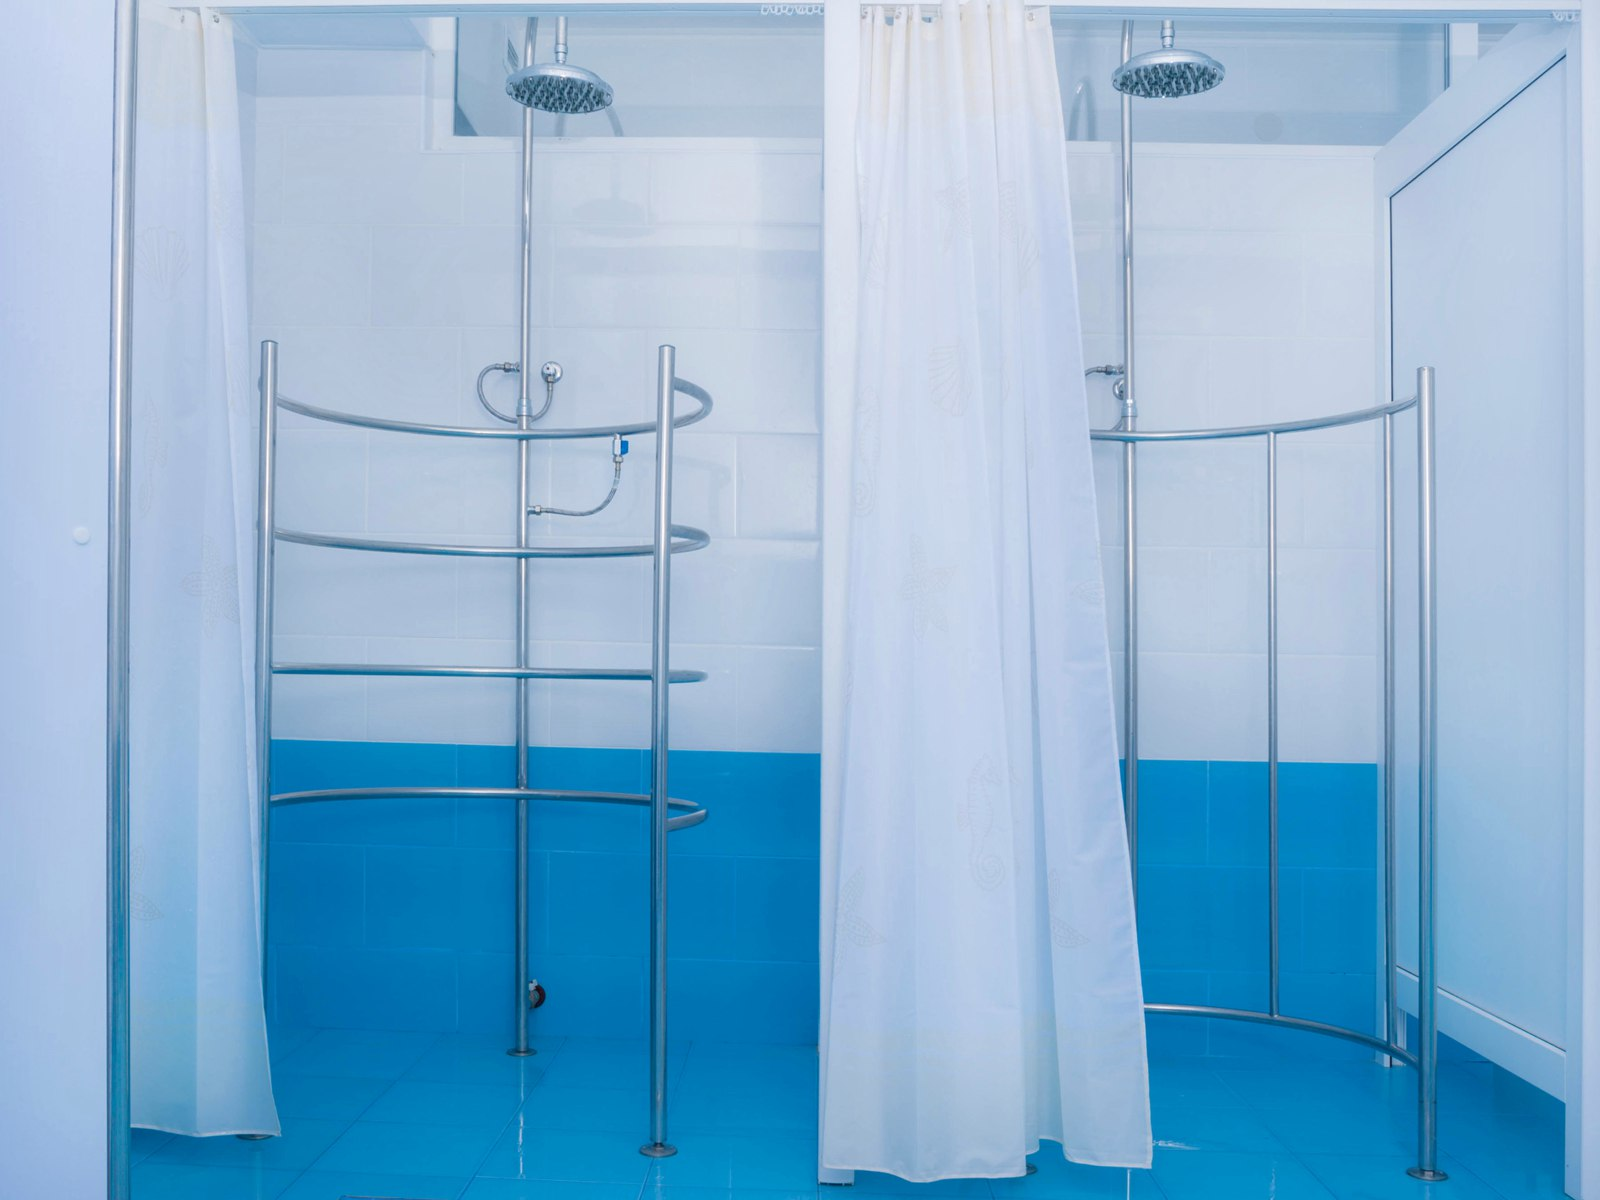 циркулярный душ фото